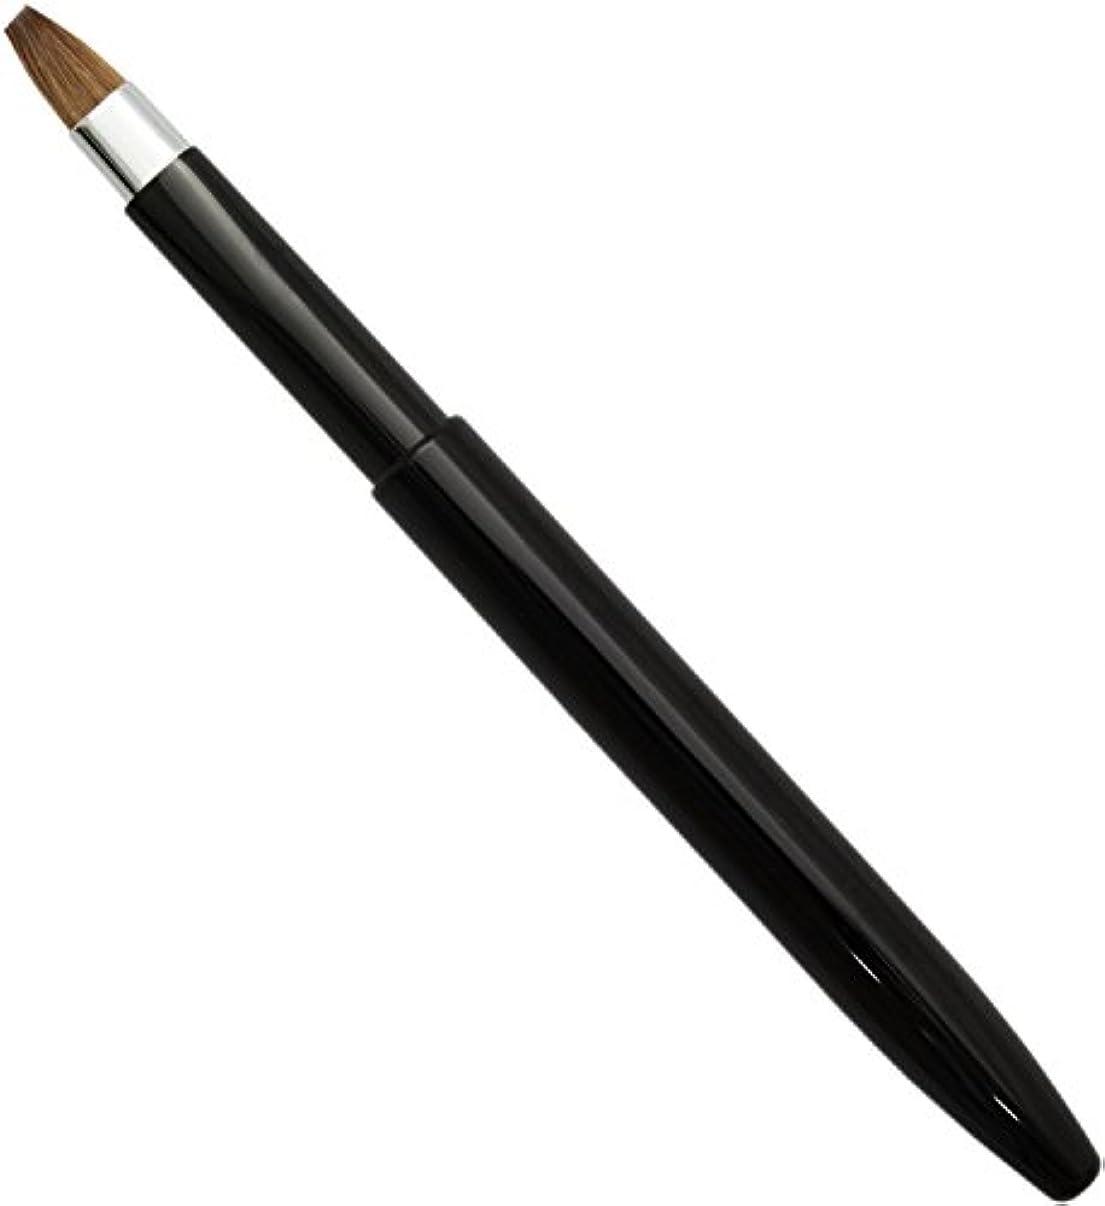 株式会社首電気的熊野筆 メイクブラシ KUシリーズ リップブラシ オート イタチ毛